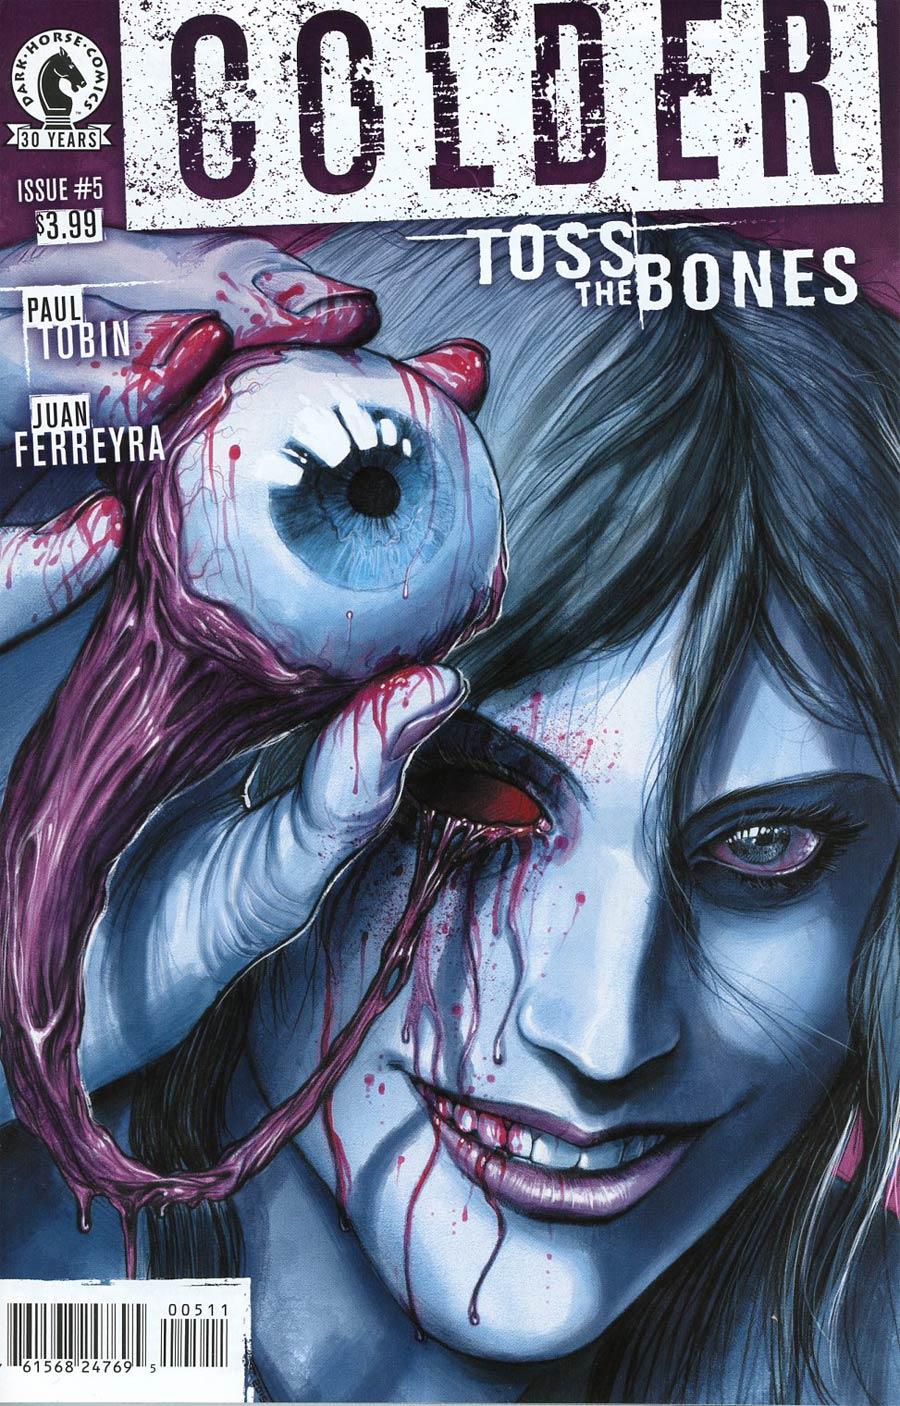 Colder Toss The Bones #5